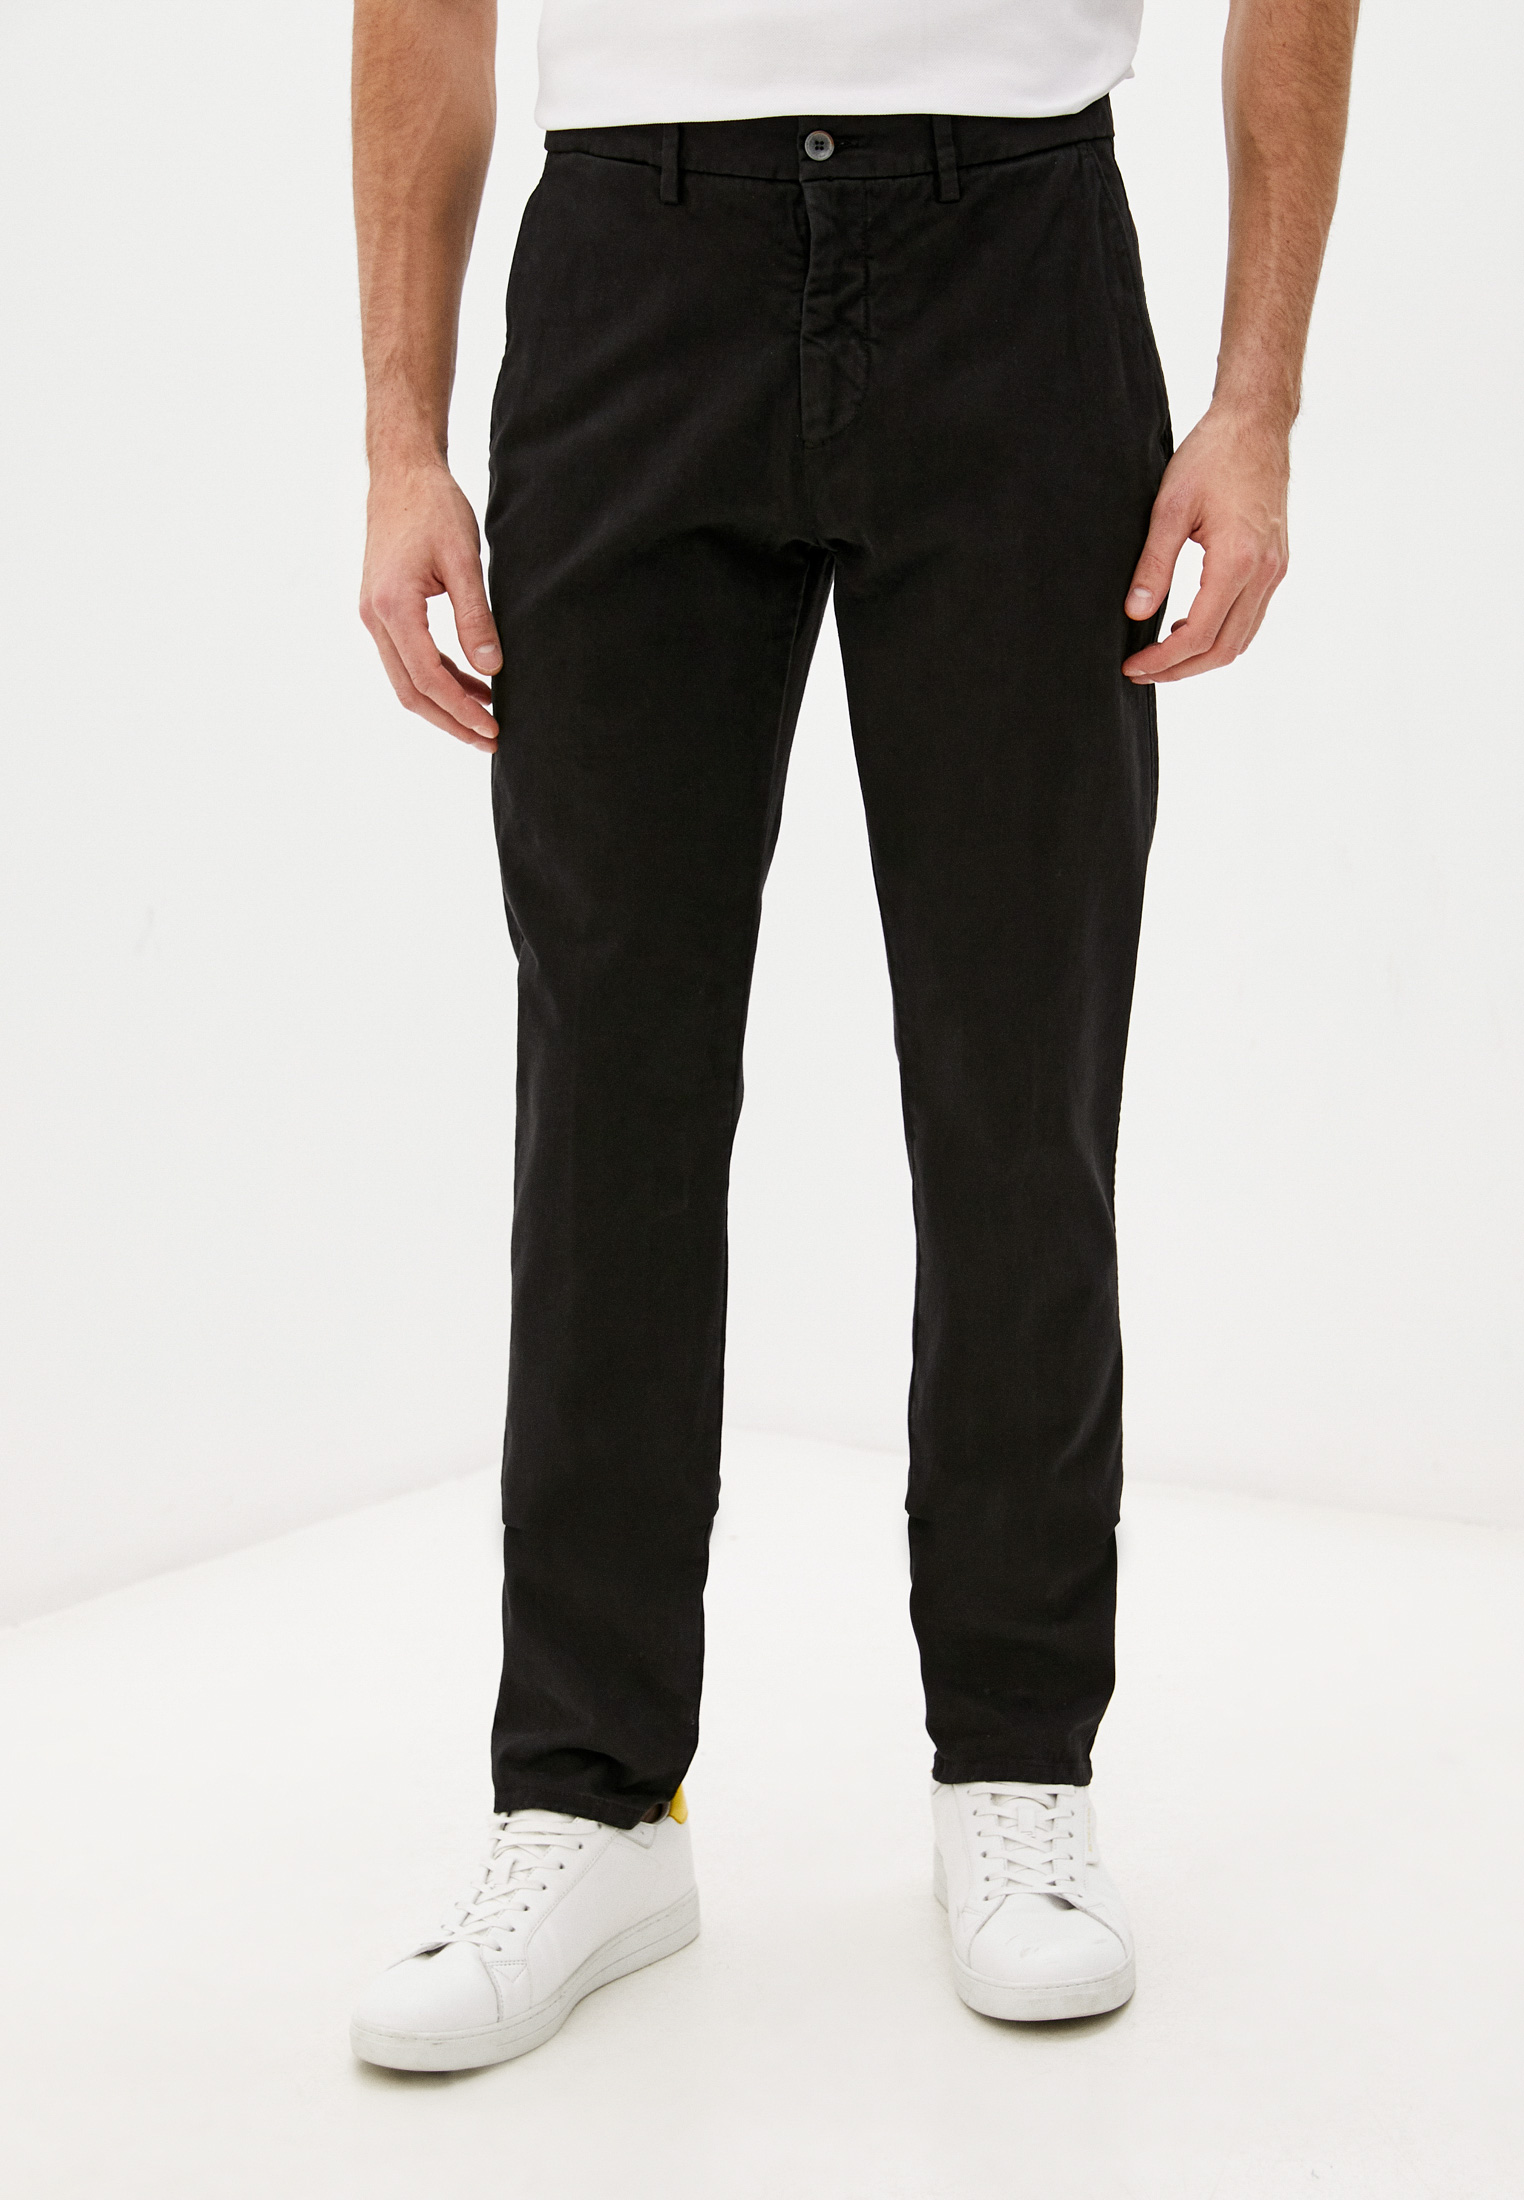 Мужские повседневные брюки Harmont&Blaine Брюки Harmont & Blaine